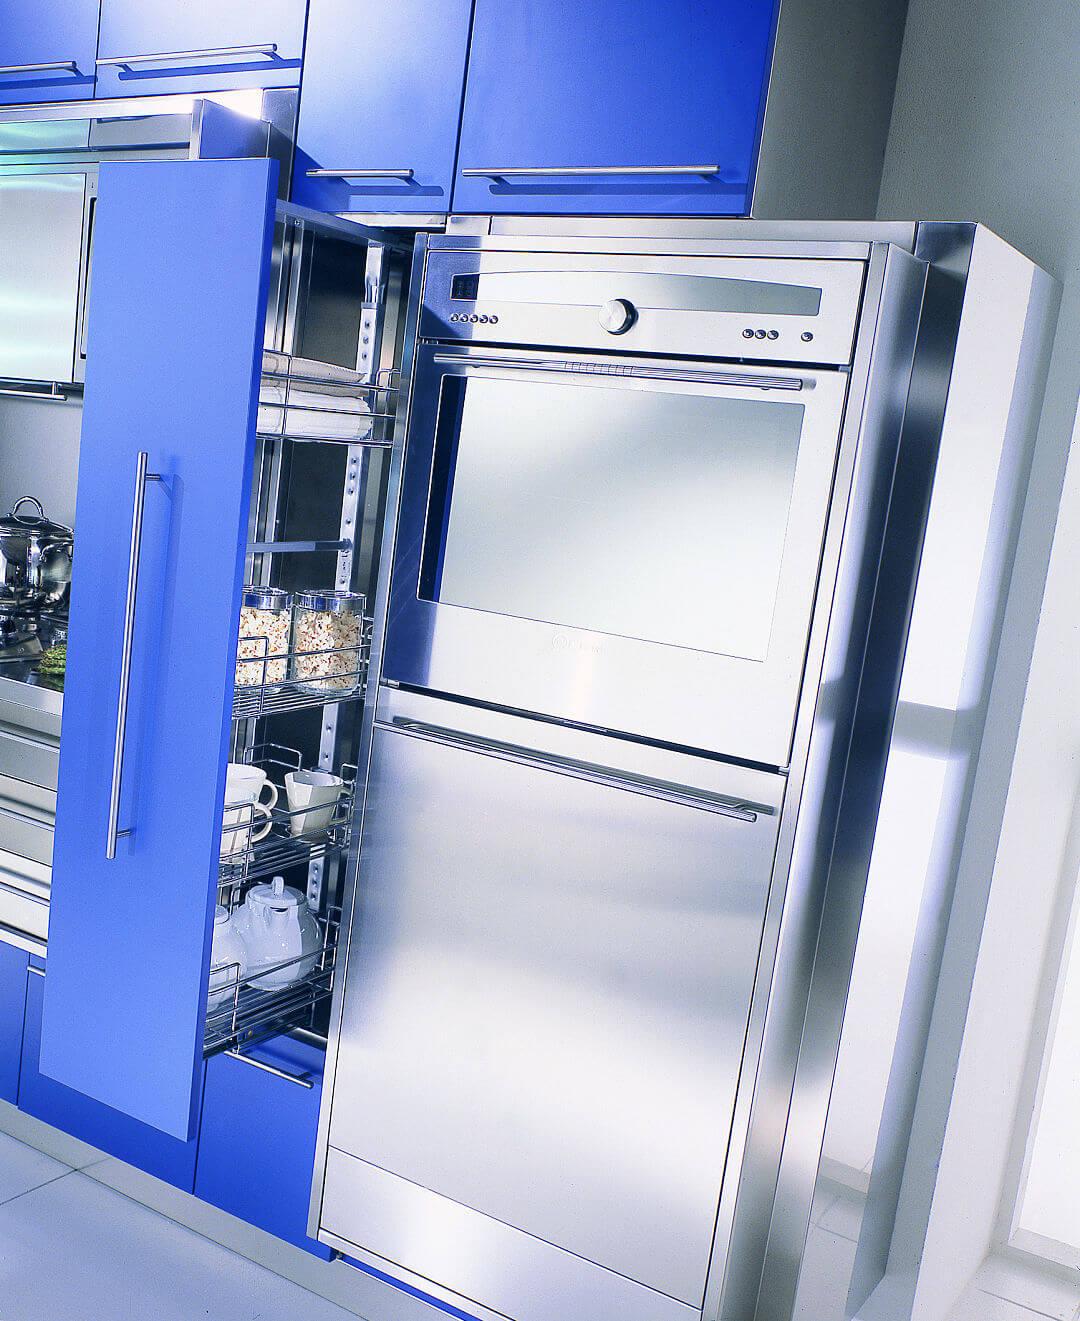 Arca Cucine Italia - Cucine Domestiche Acciaio Inox - Wall - Colonna Telescopica